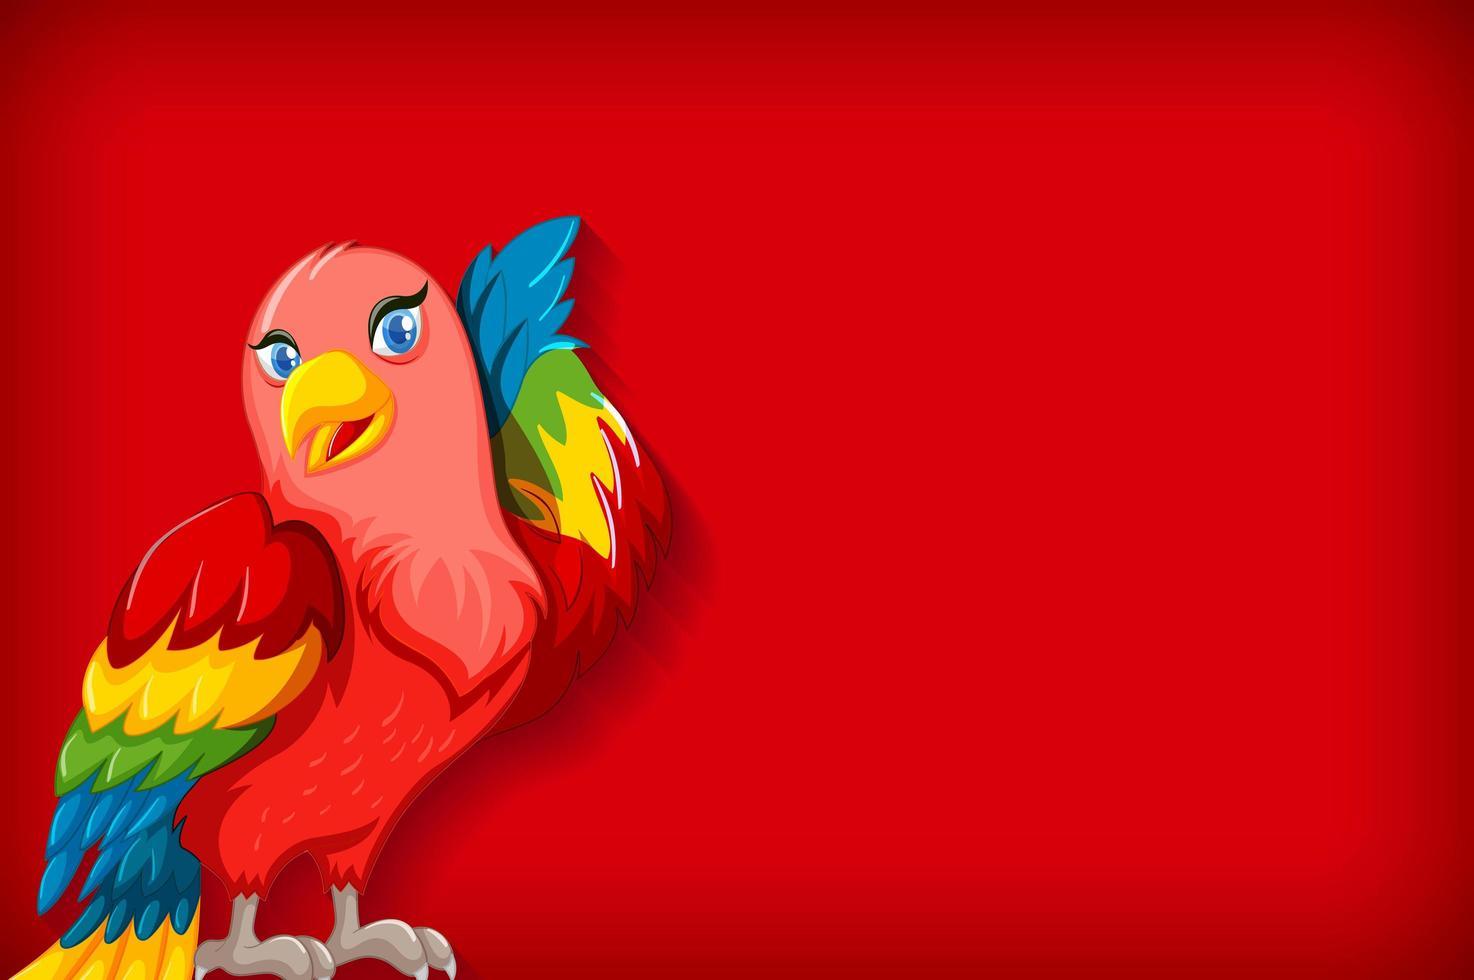 Hintergrundschablone mit unifarbenem und buntem Papagei vektor